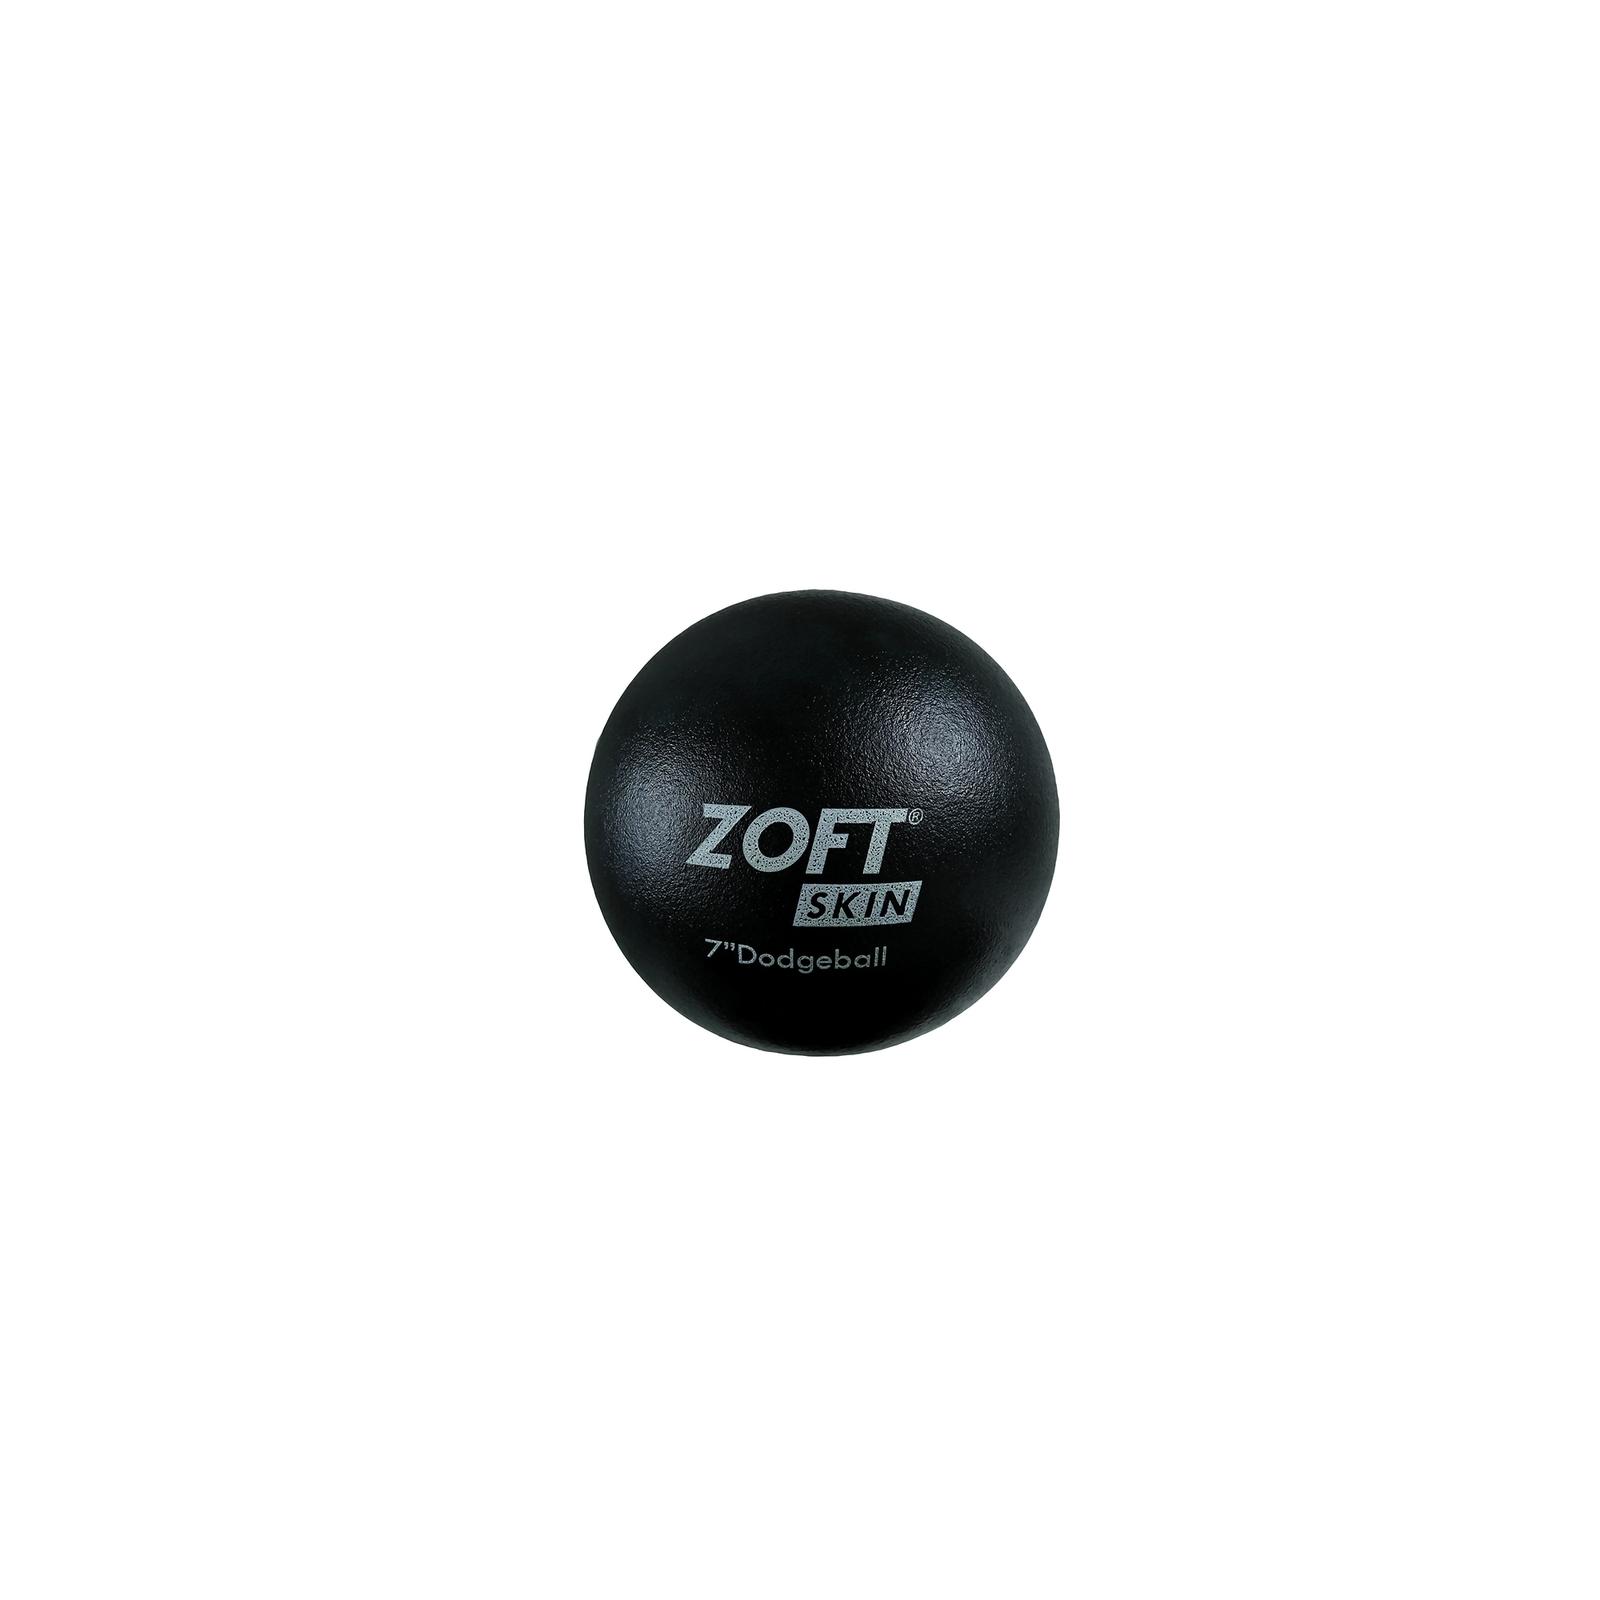 Zoftskin Dodgeball - Size 7 - Black